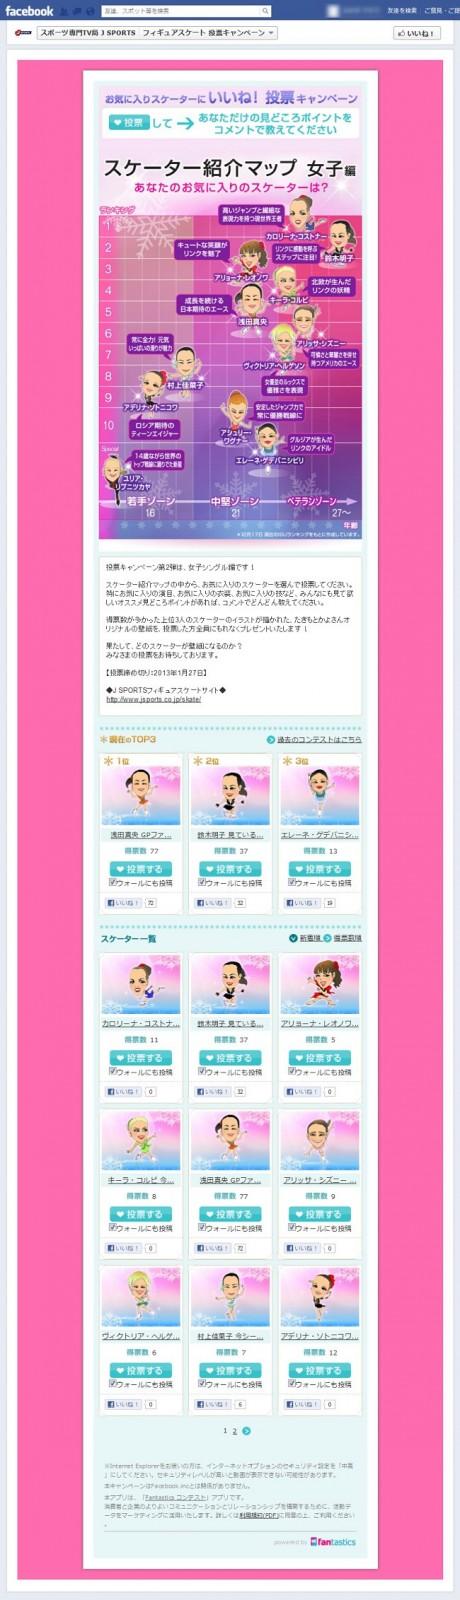 Fantastics 投票コンテストアプリ(スポーツ専門TV局 J SPORTS様)